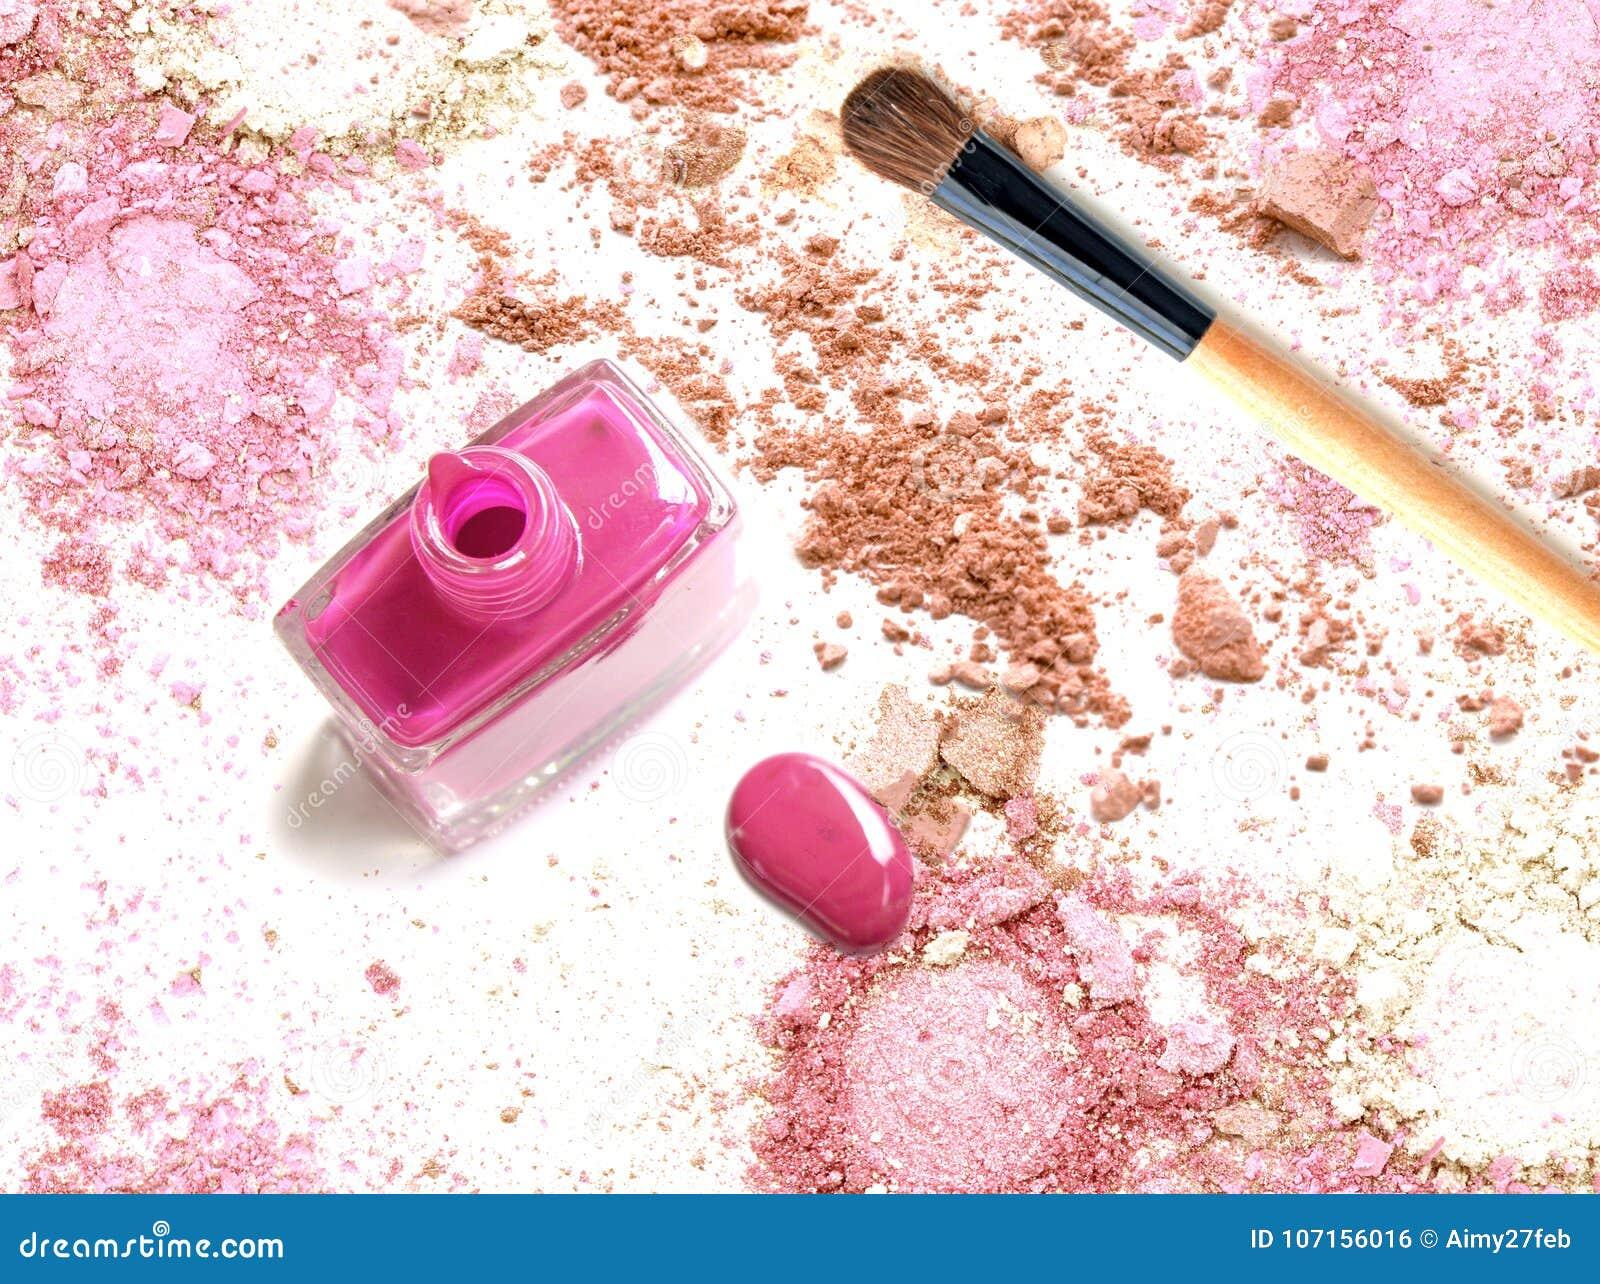 Розовый маникюр на задавленном розовом порошке составляет